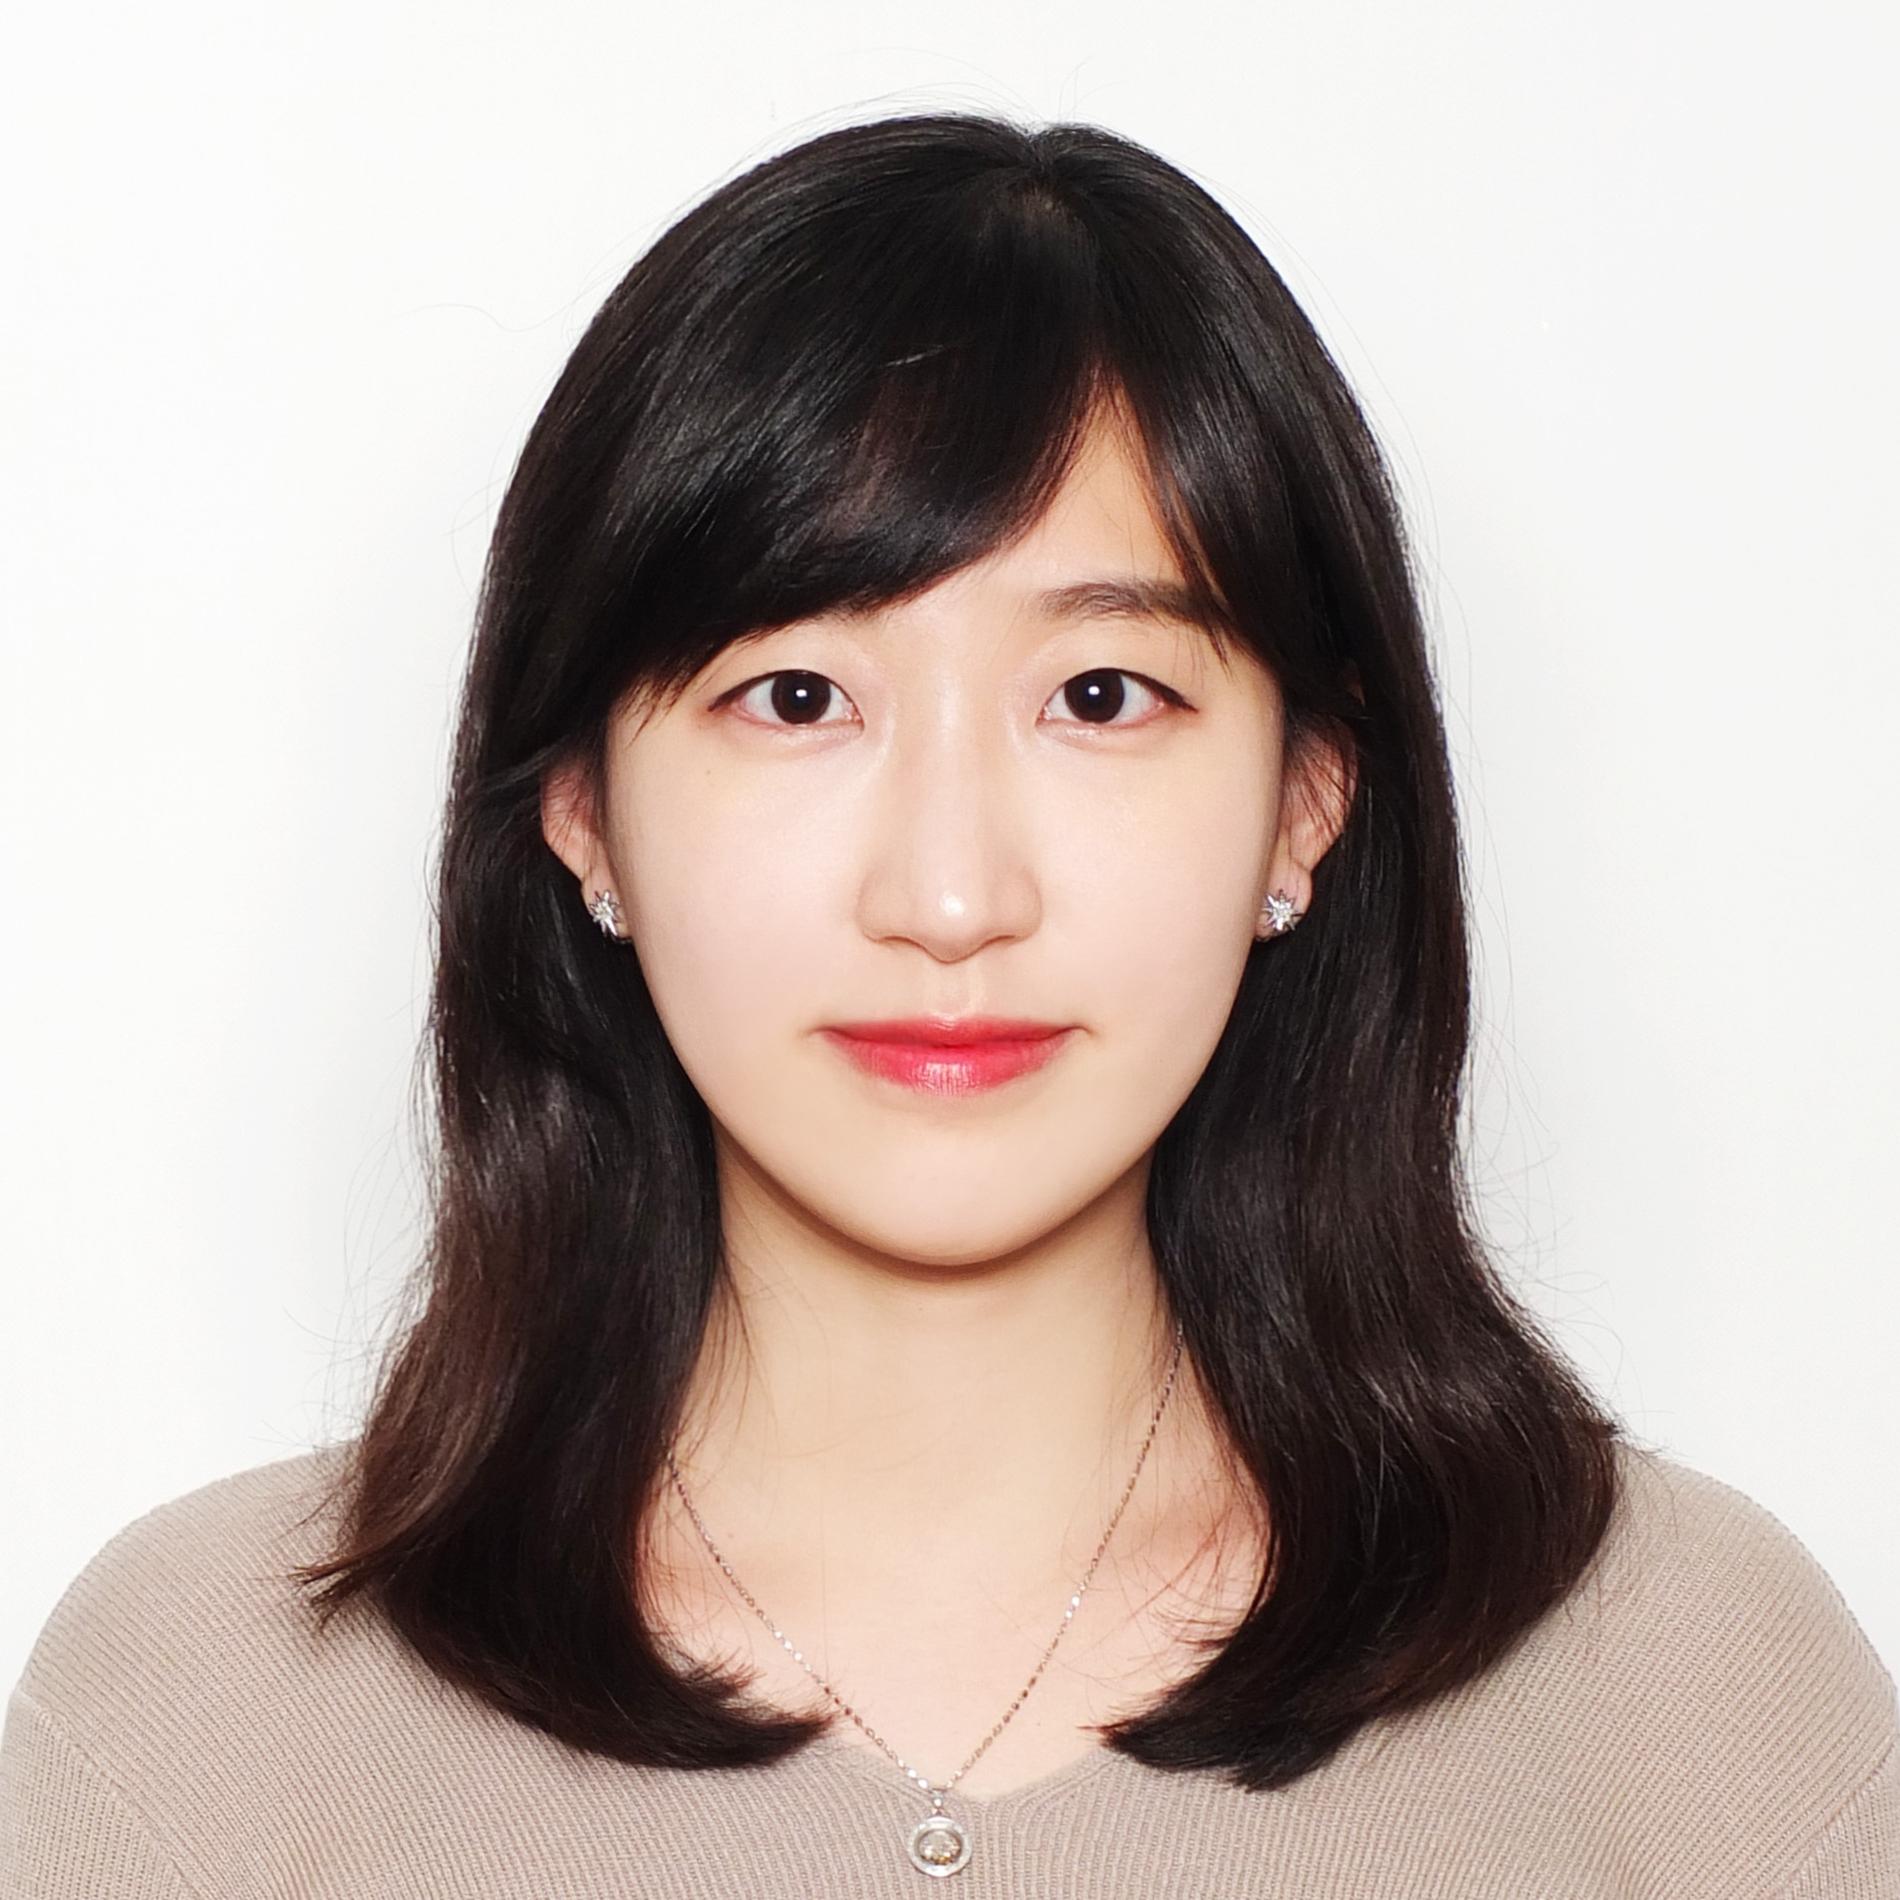 Dr. Hyunah Kim